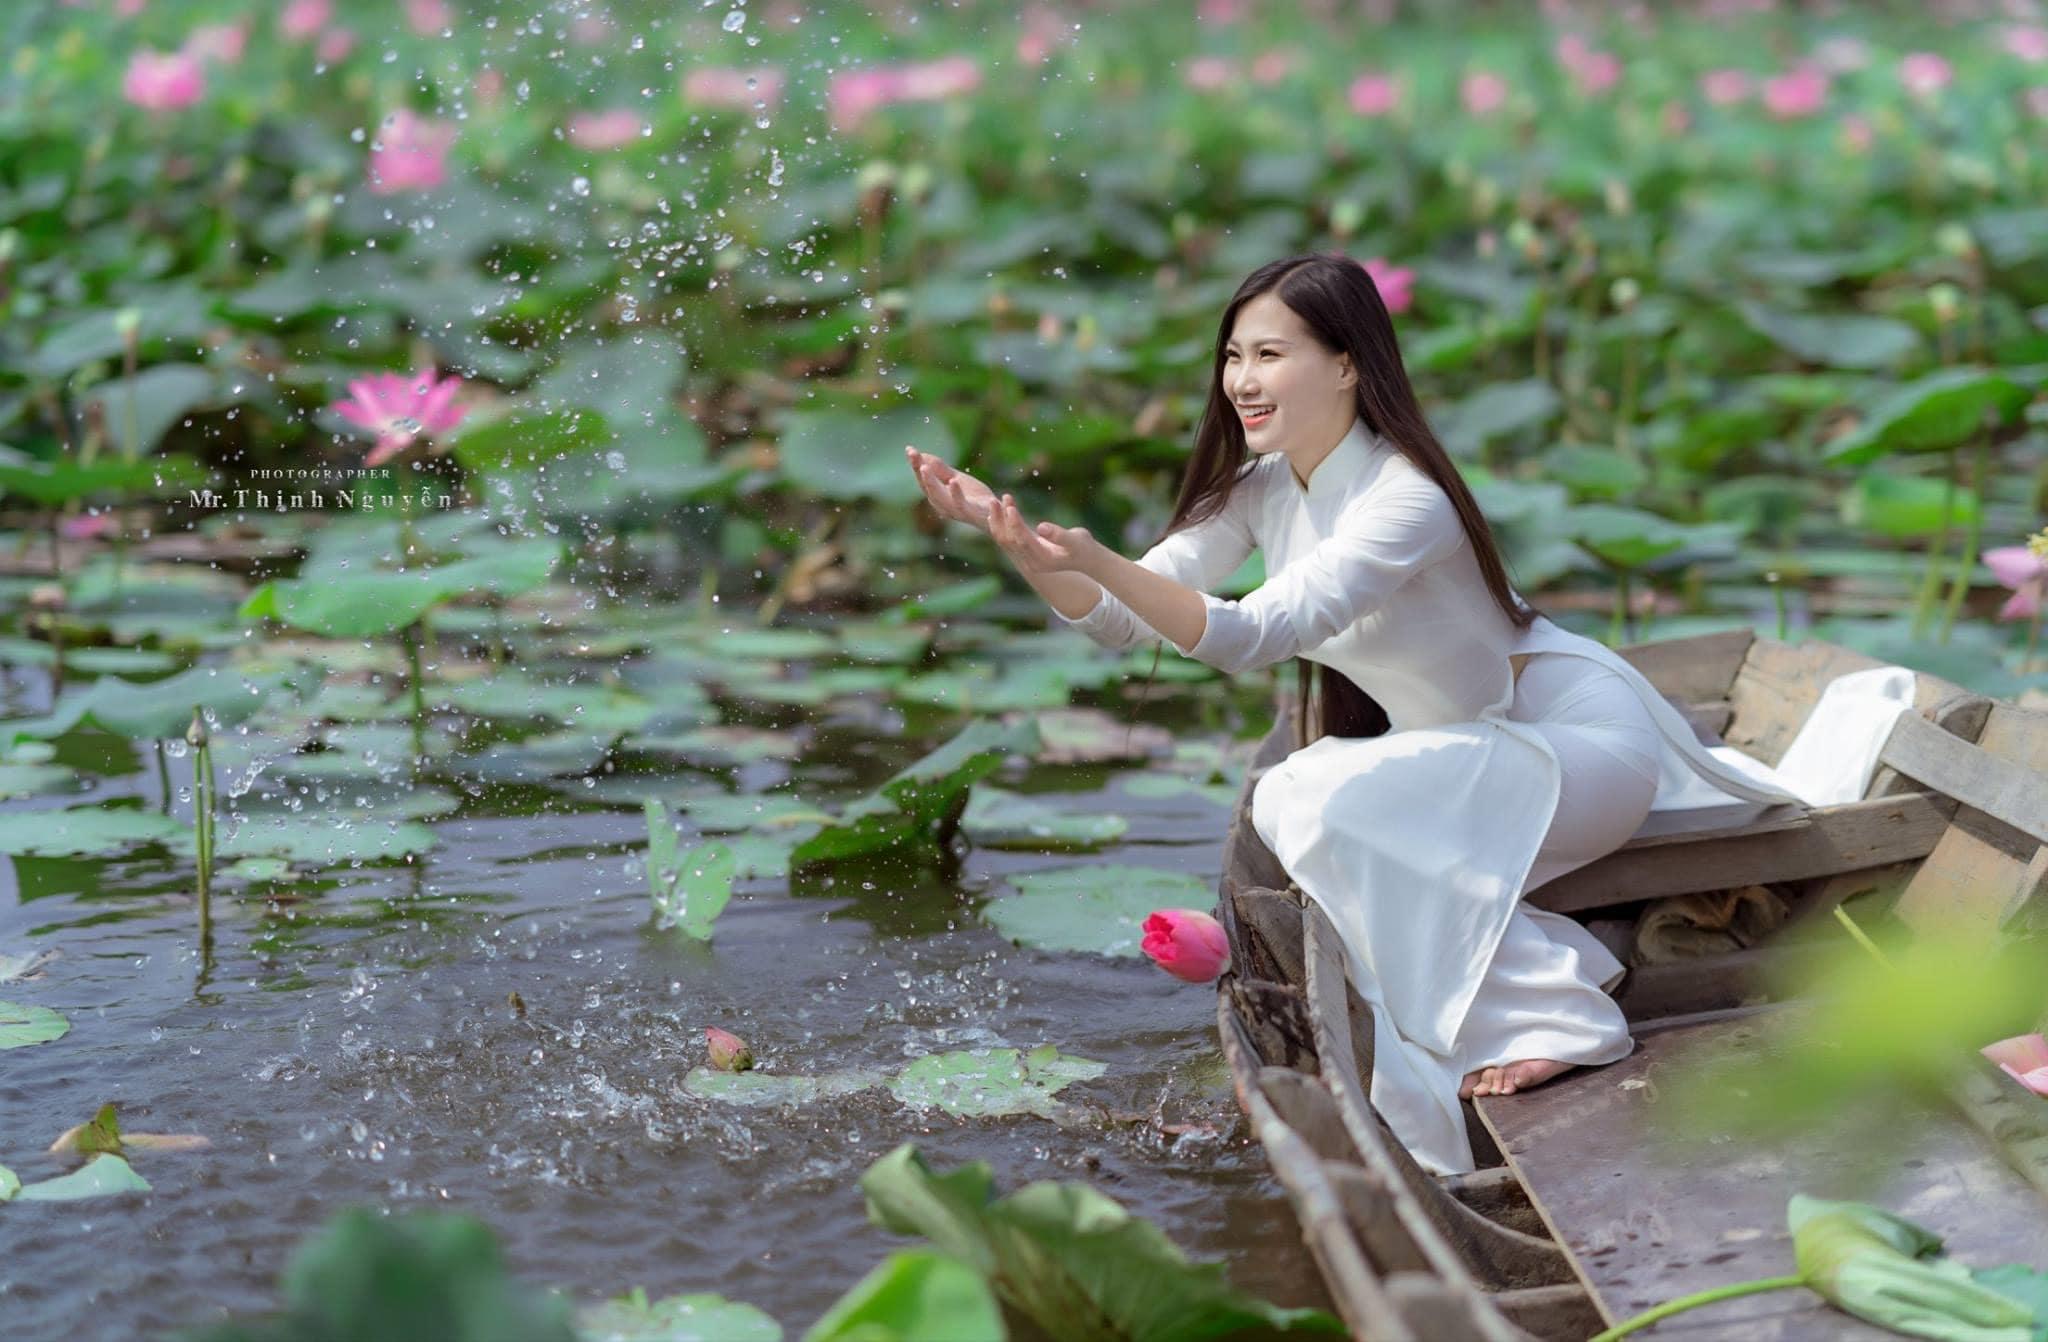 Thieu nu hoa sen